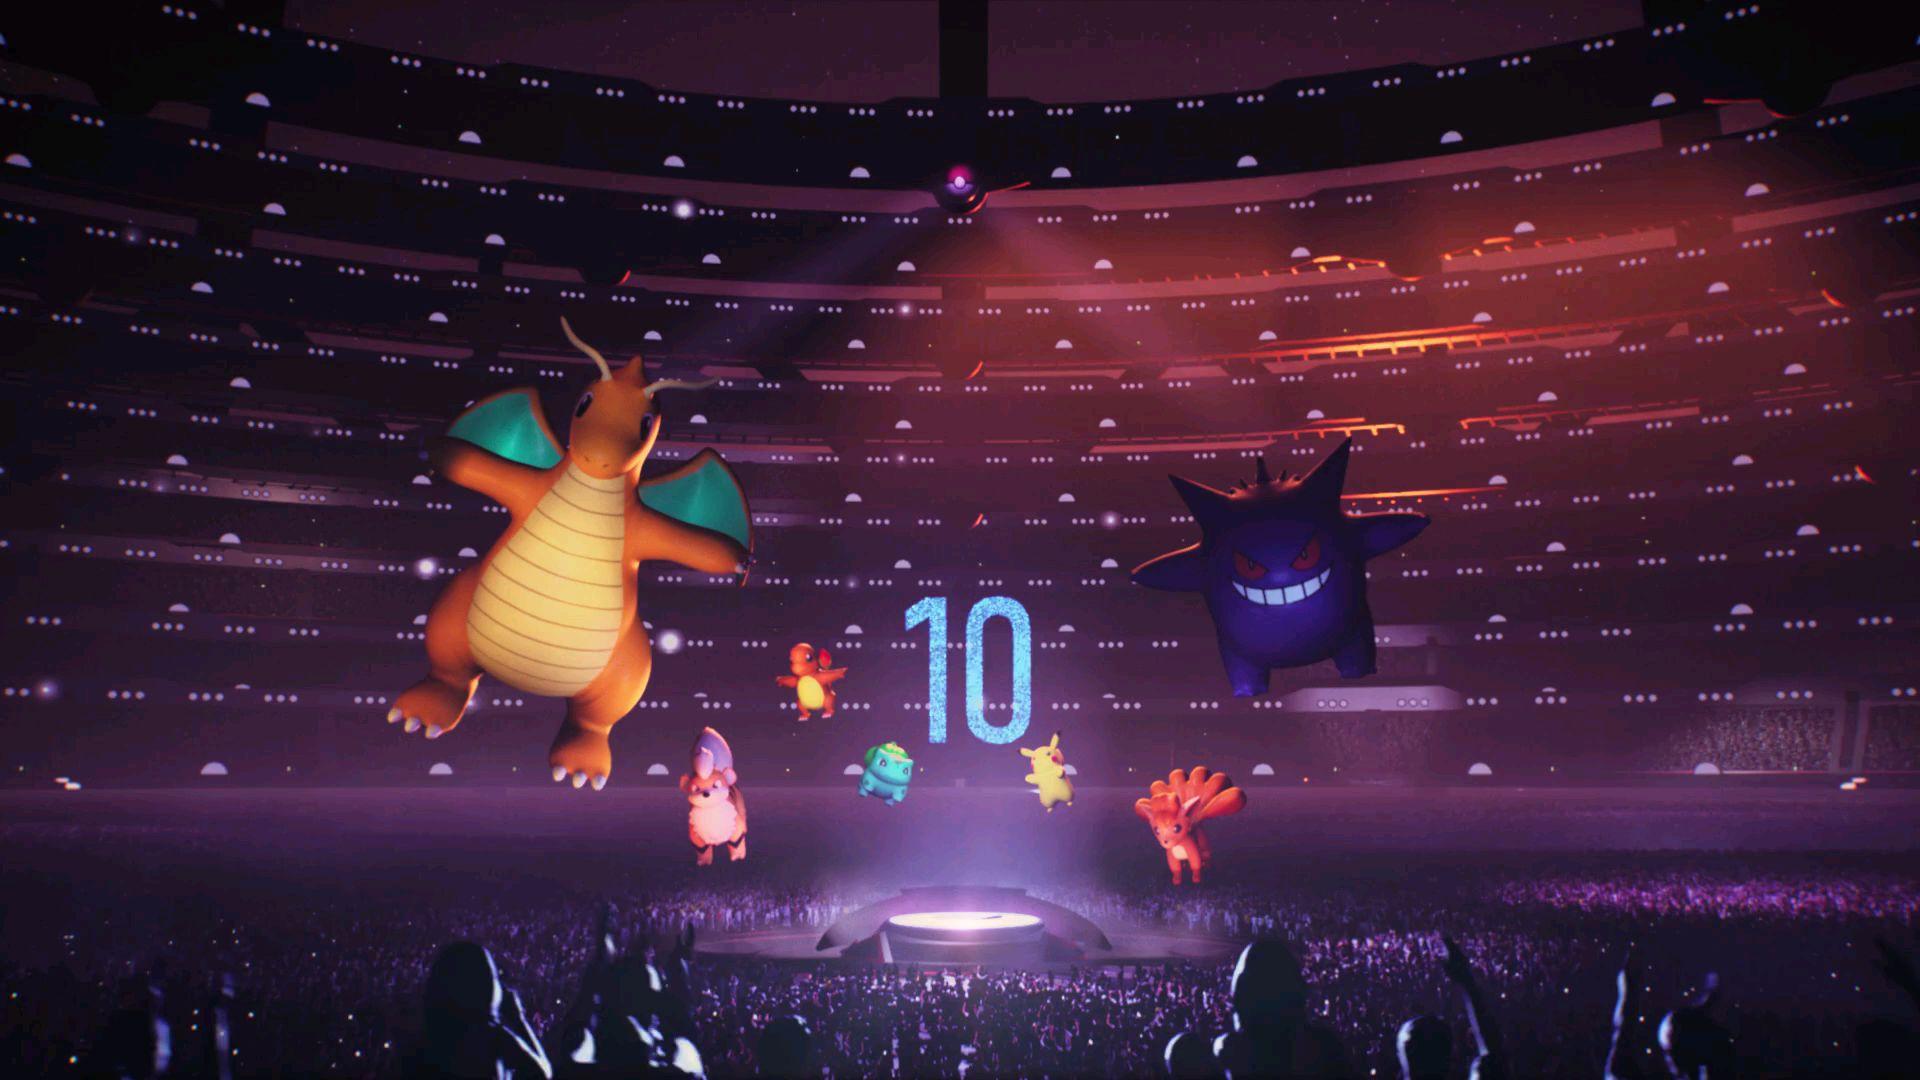 波兹·马龙 (Post Malone) 宝可梦25周年虚拟演唱会。